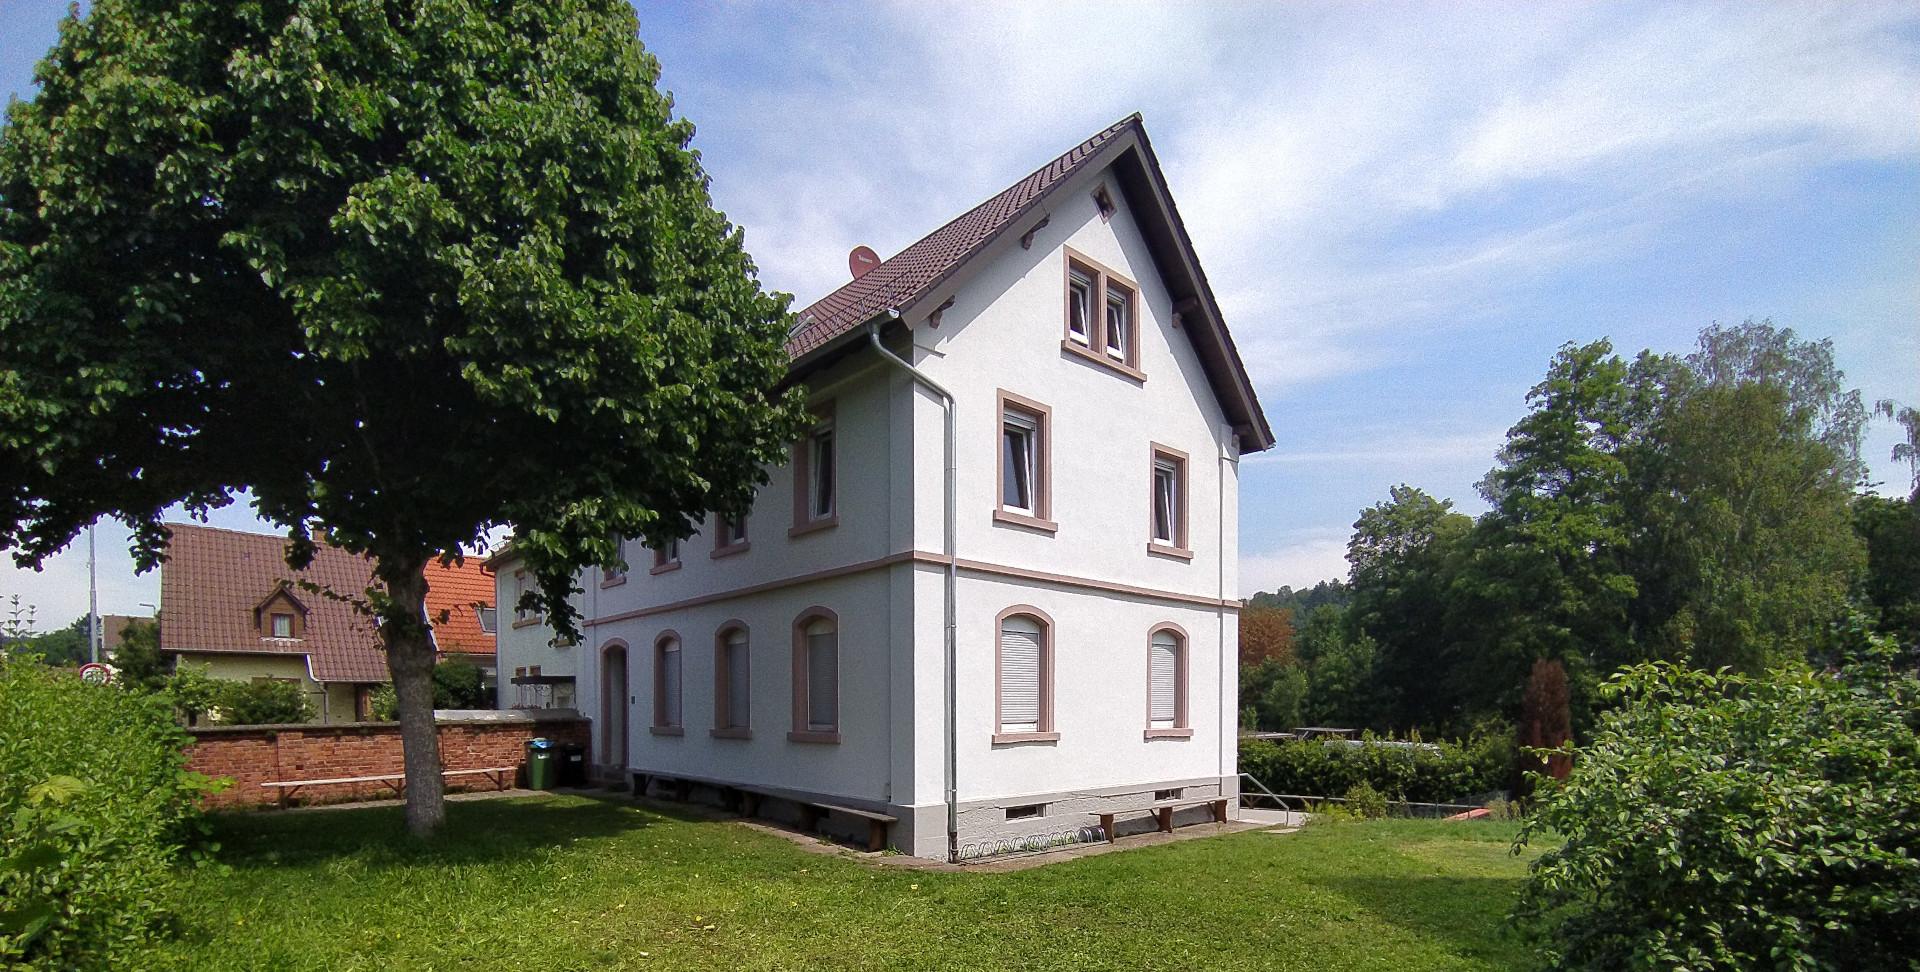 Ansichtsbild des Jugendhauses in Kleinsteinbach